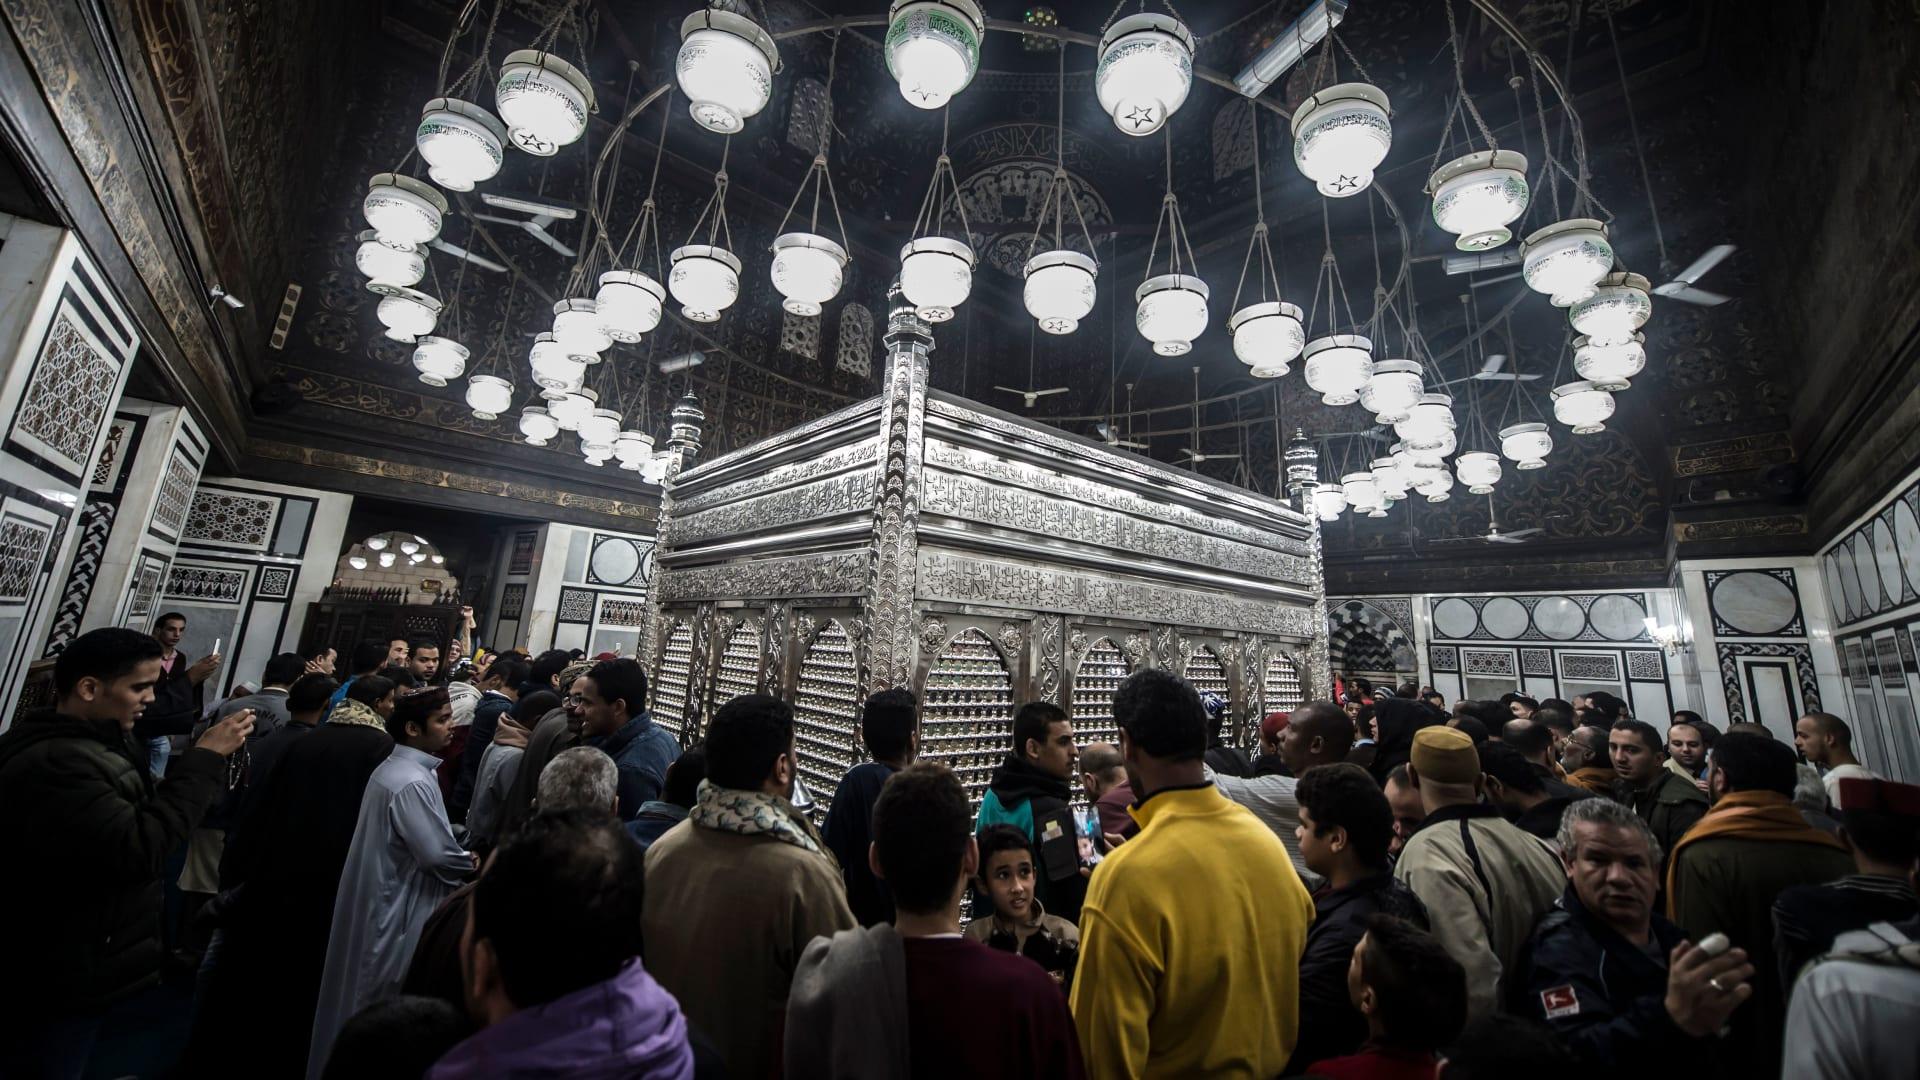 صورة أرشيفية لاحياء ذكرى المولد النبوي في مسجد الإمام الحسين في مصر العام 2017